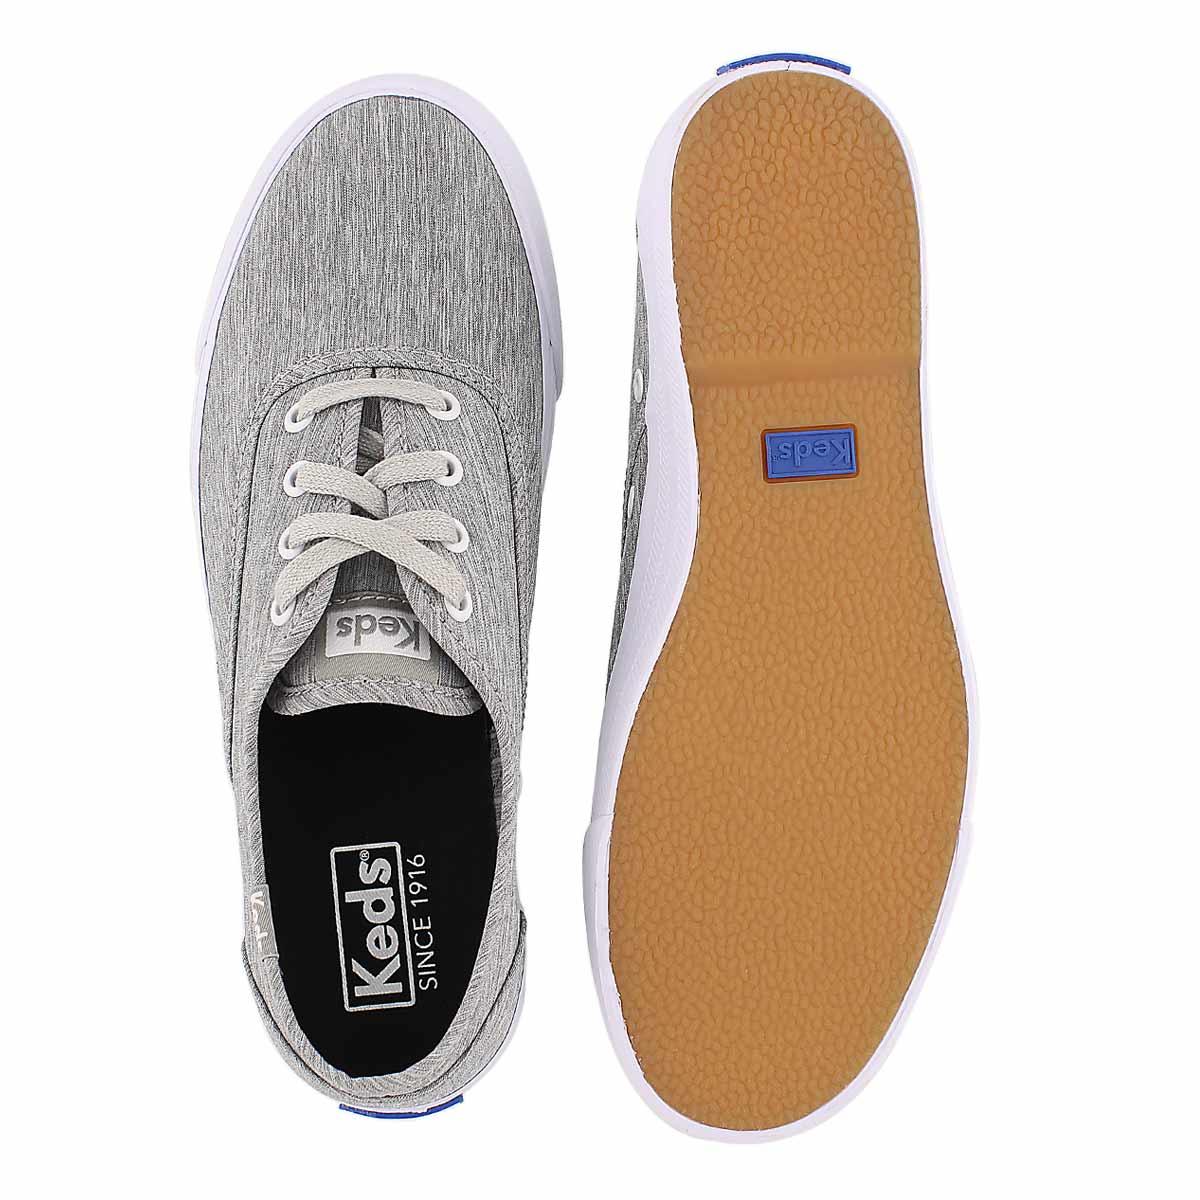 Lds Triumph grey fashion sneaker